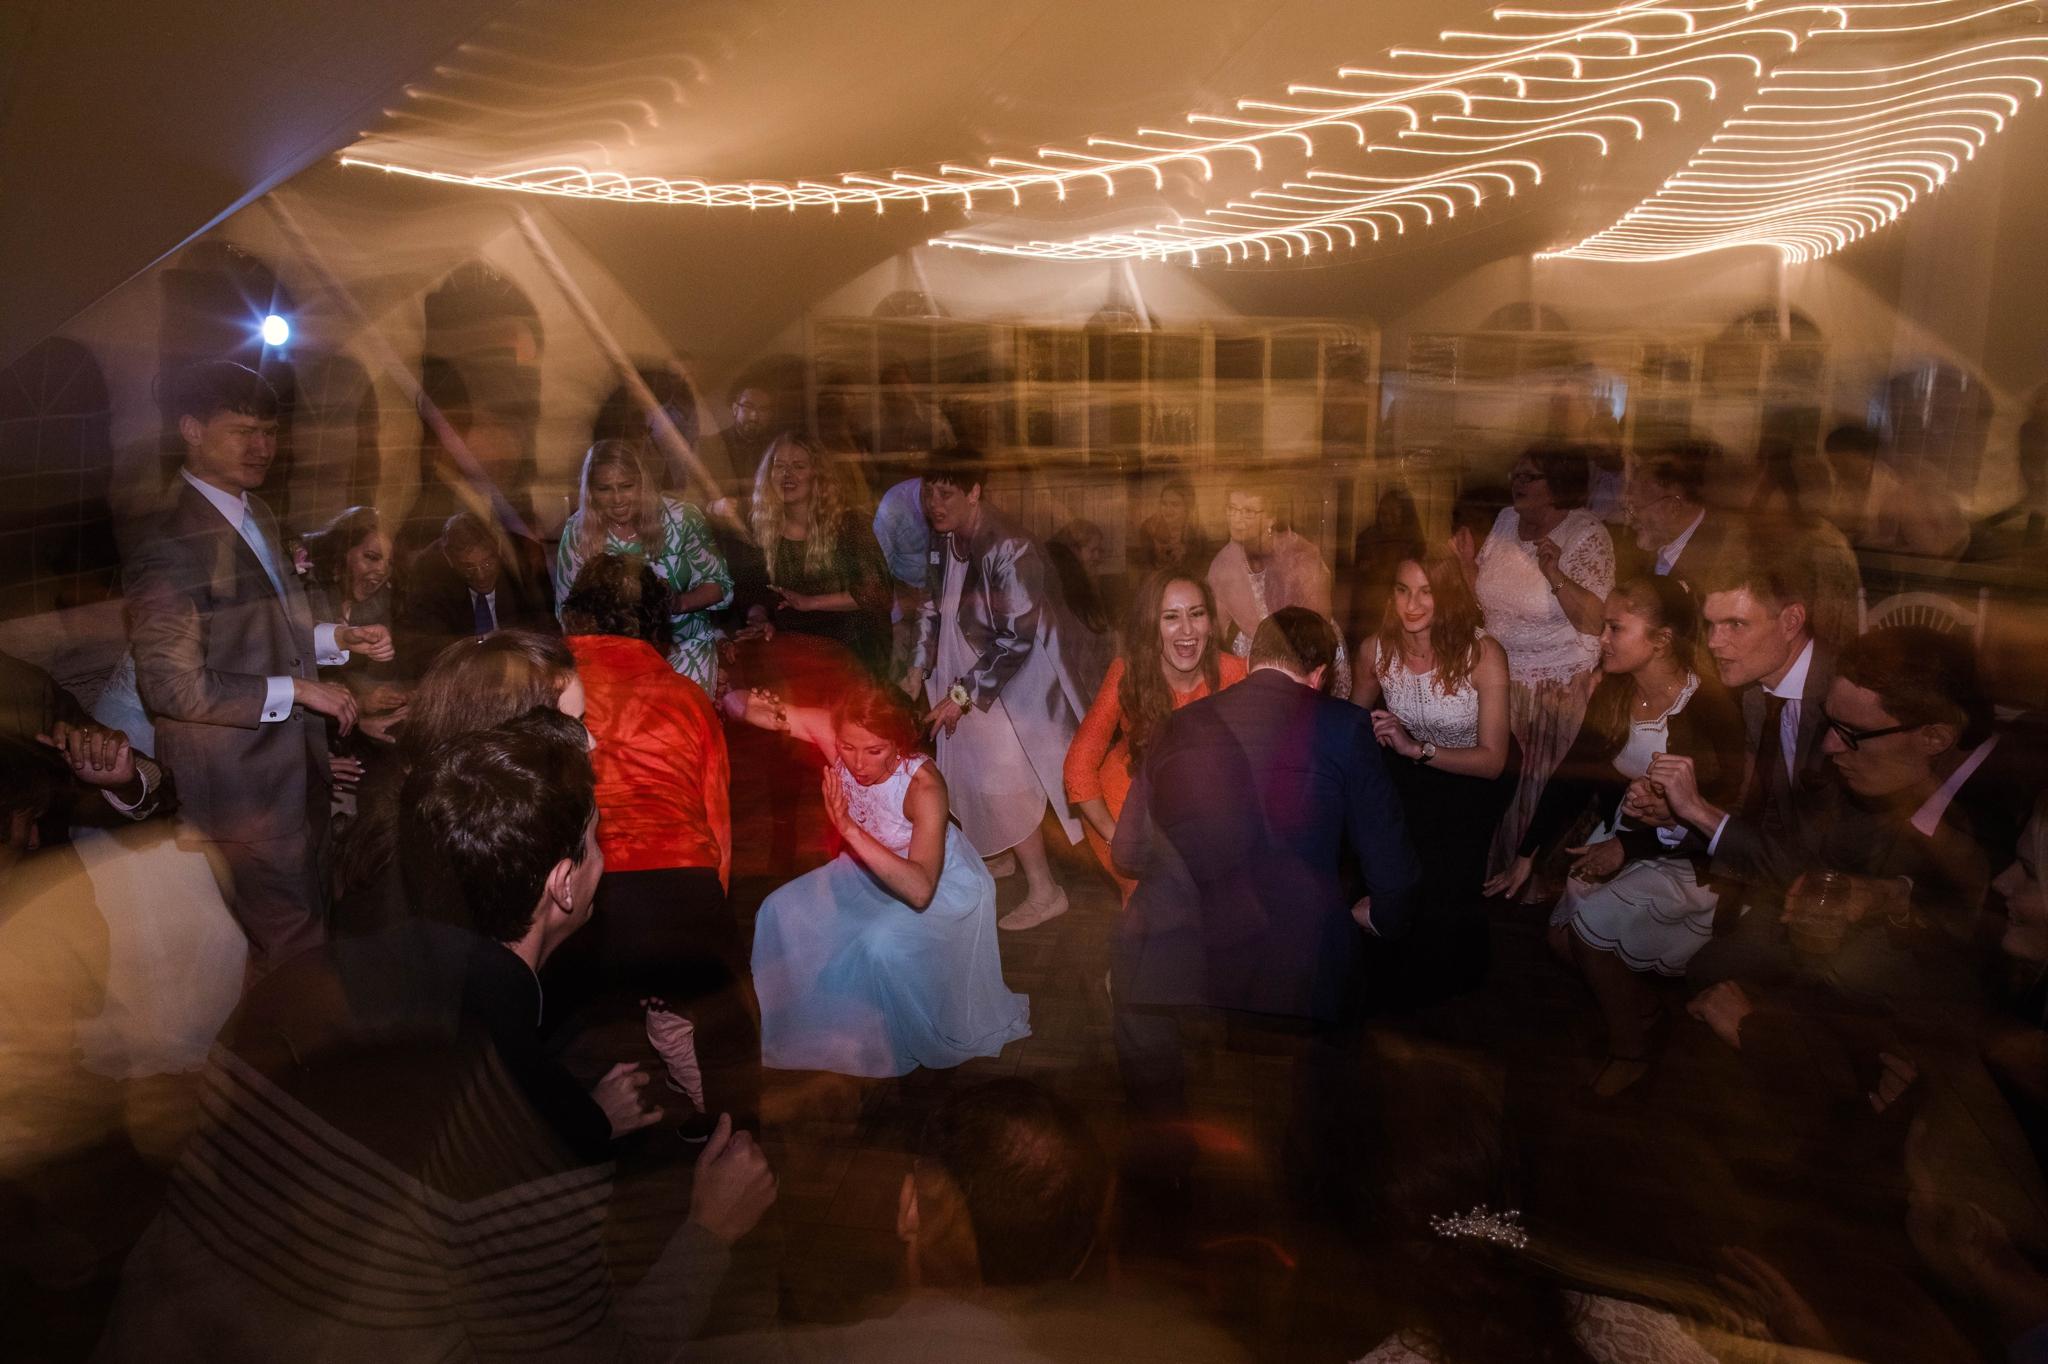 dancing - Honolulu Oahu Hawaii Wedding Photographer